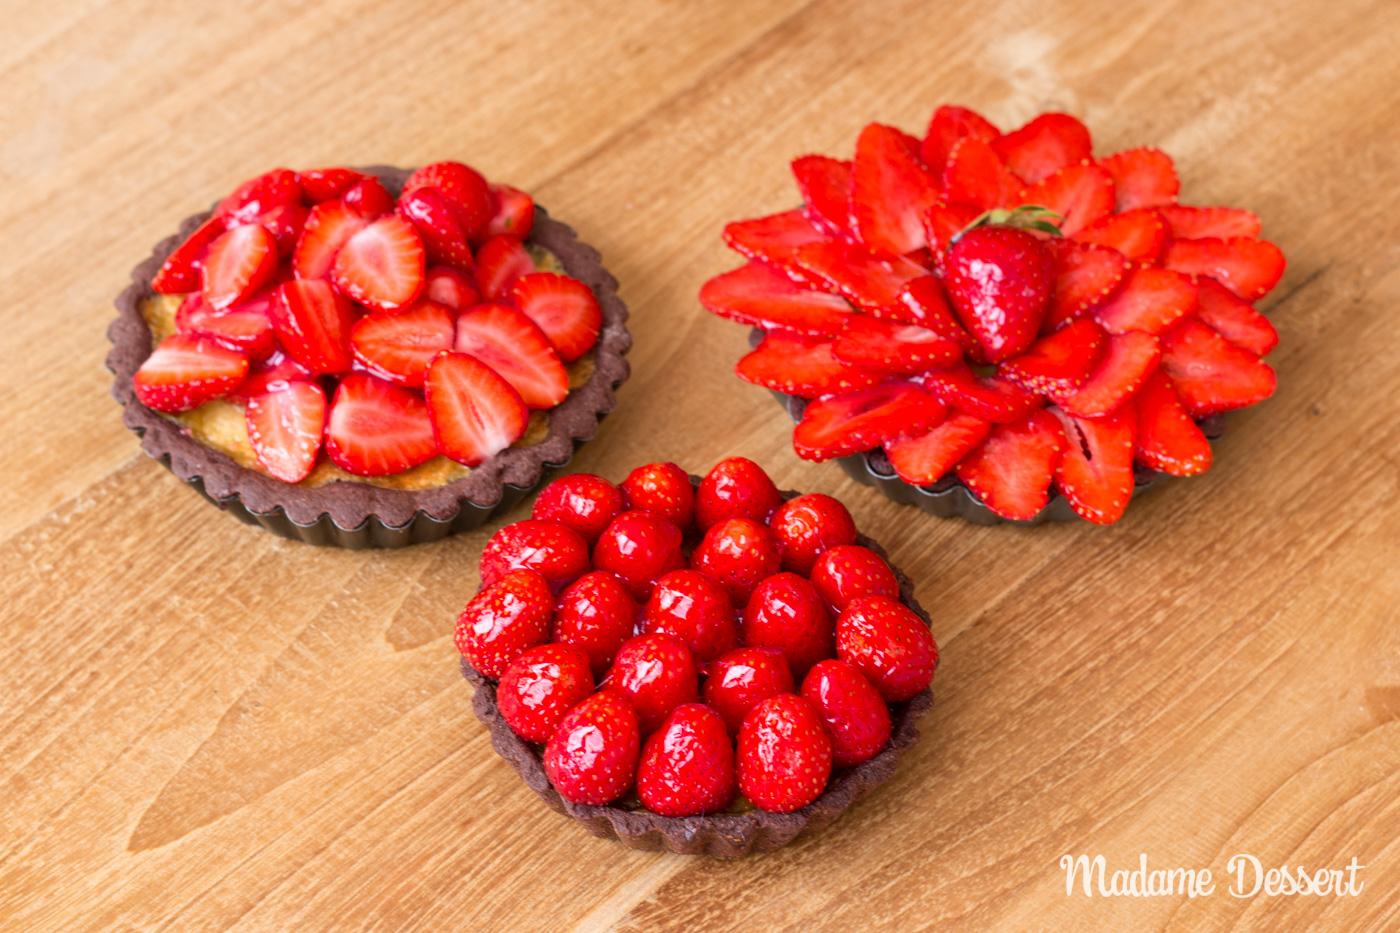 Erdbeerschokoladentarte | Madame Dessert